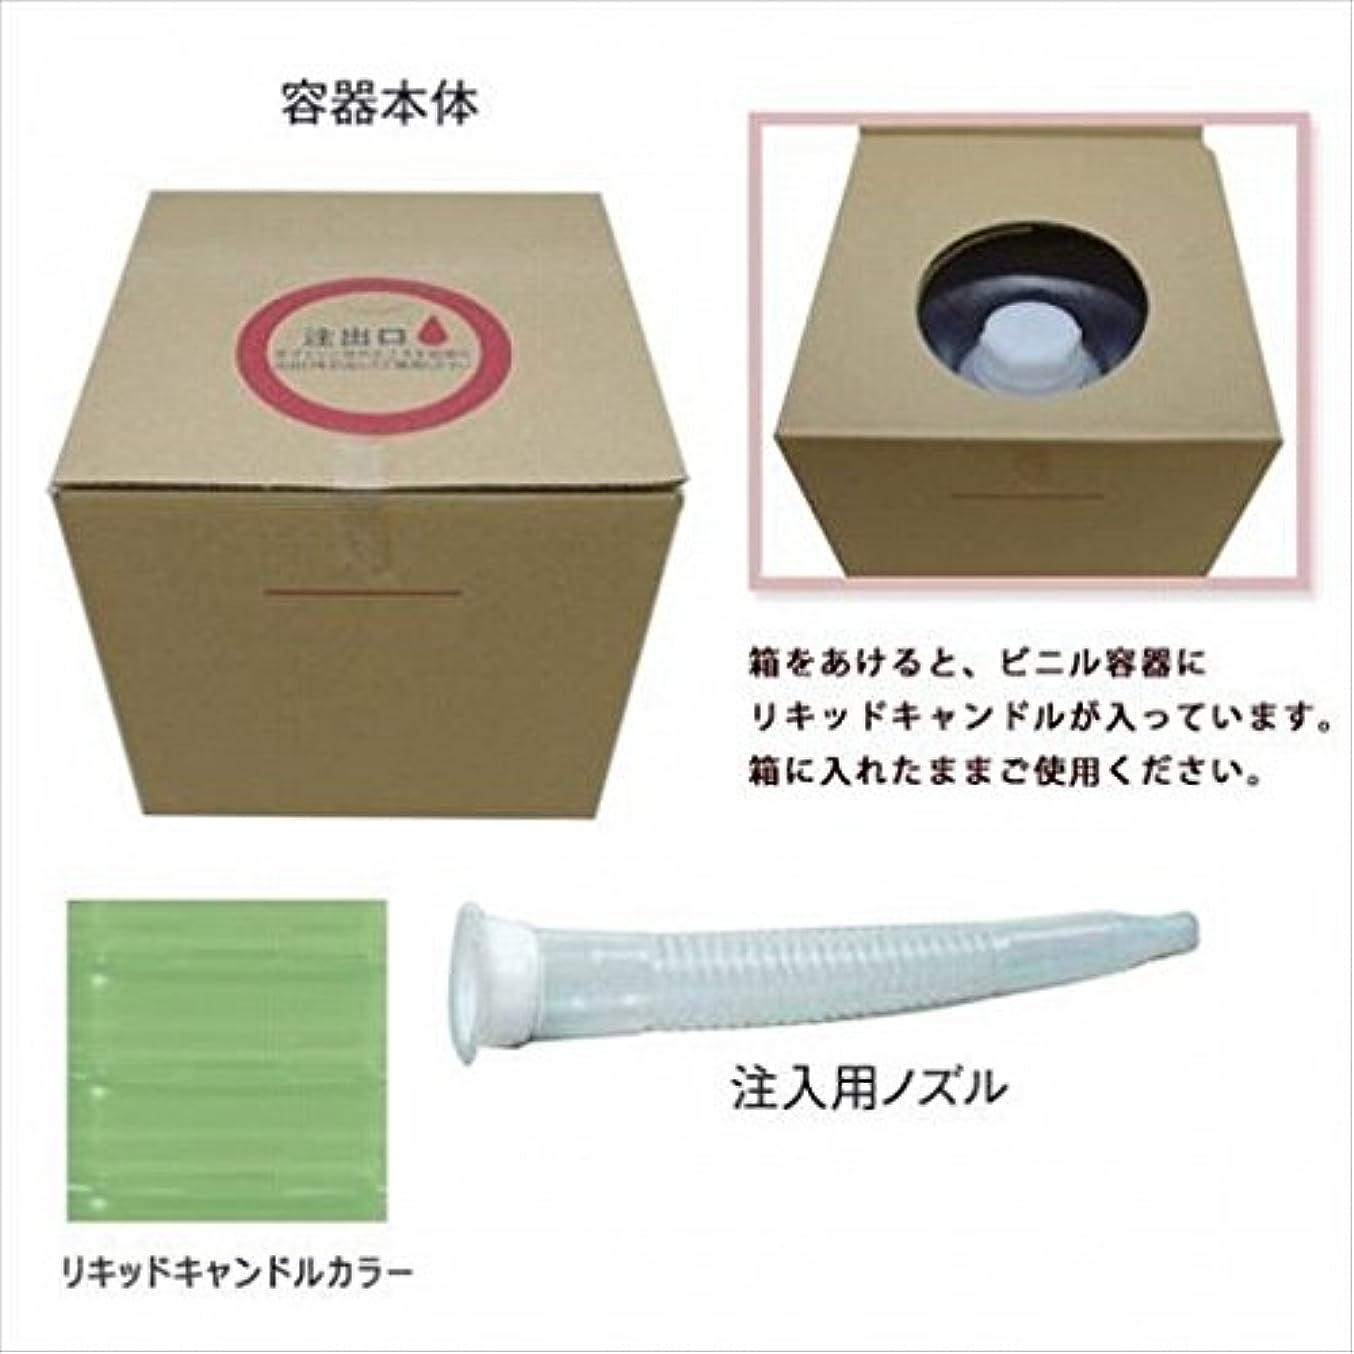 会計請求書代替案kameyama candle(カメヤマキャンドル) リキッドキャンドル5リットル 「 ライトグリーン 」(77320000LG)